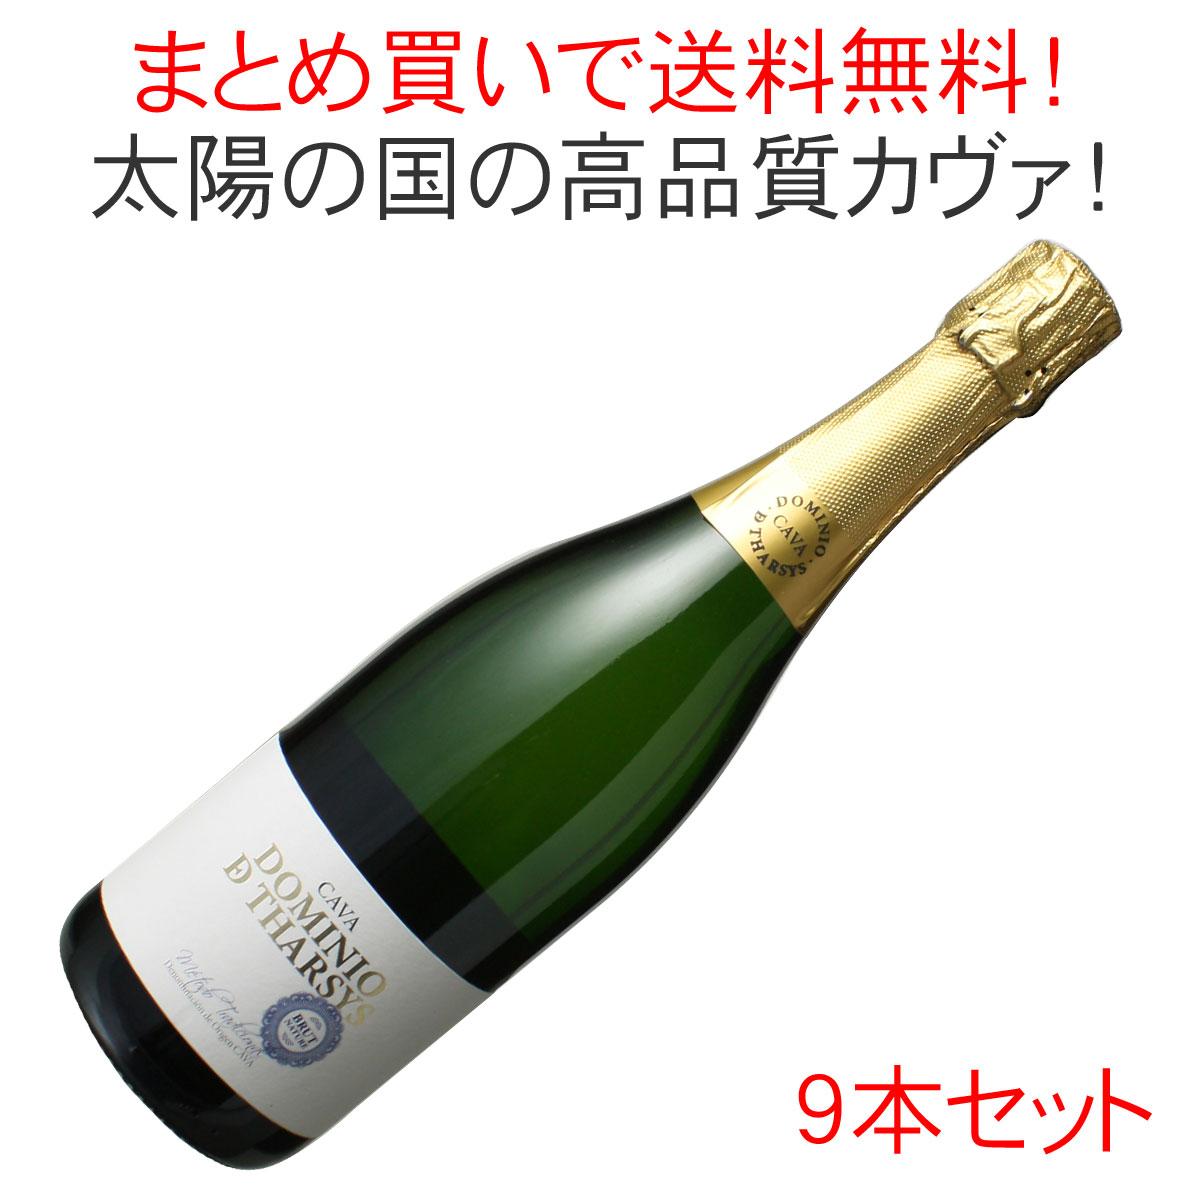 【送料無料】カヴァ ドミニオ・デ・タルシス ブリュット ナチュレ NV 1ケース9本セット <白> <ワイン/スパークリング>